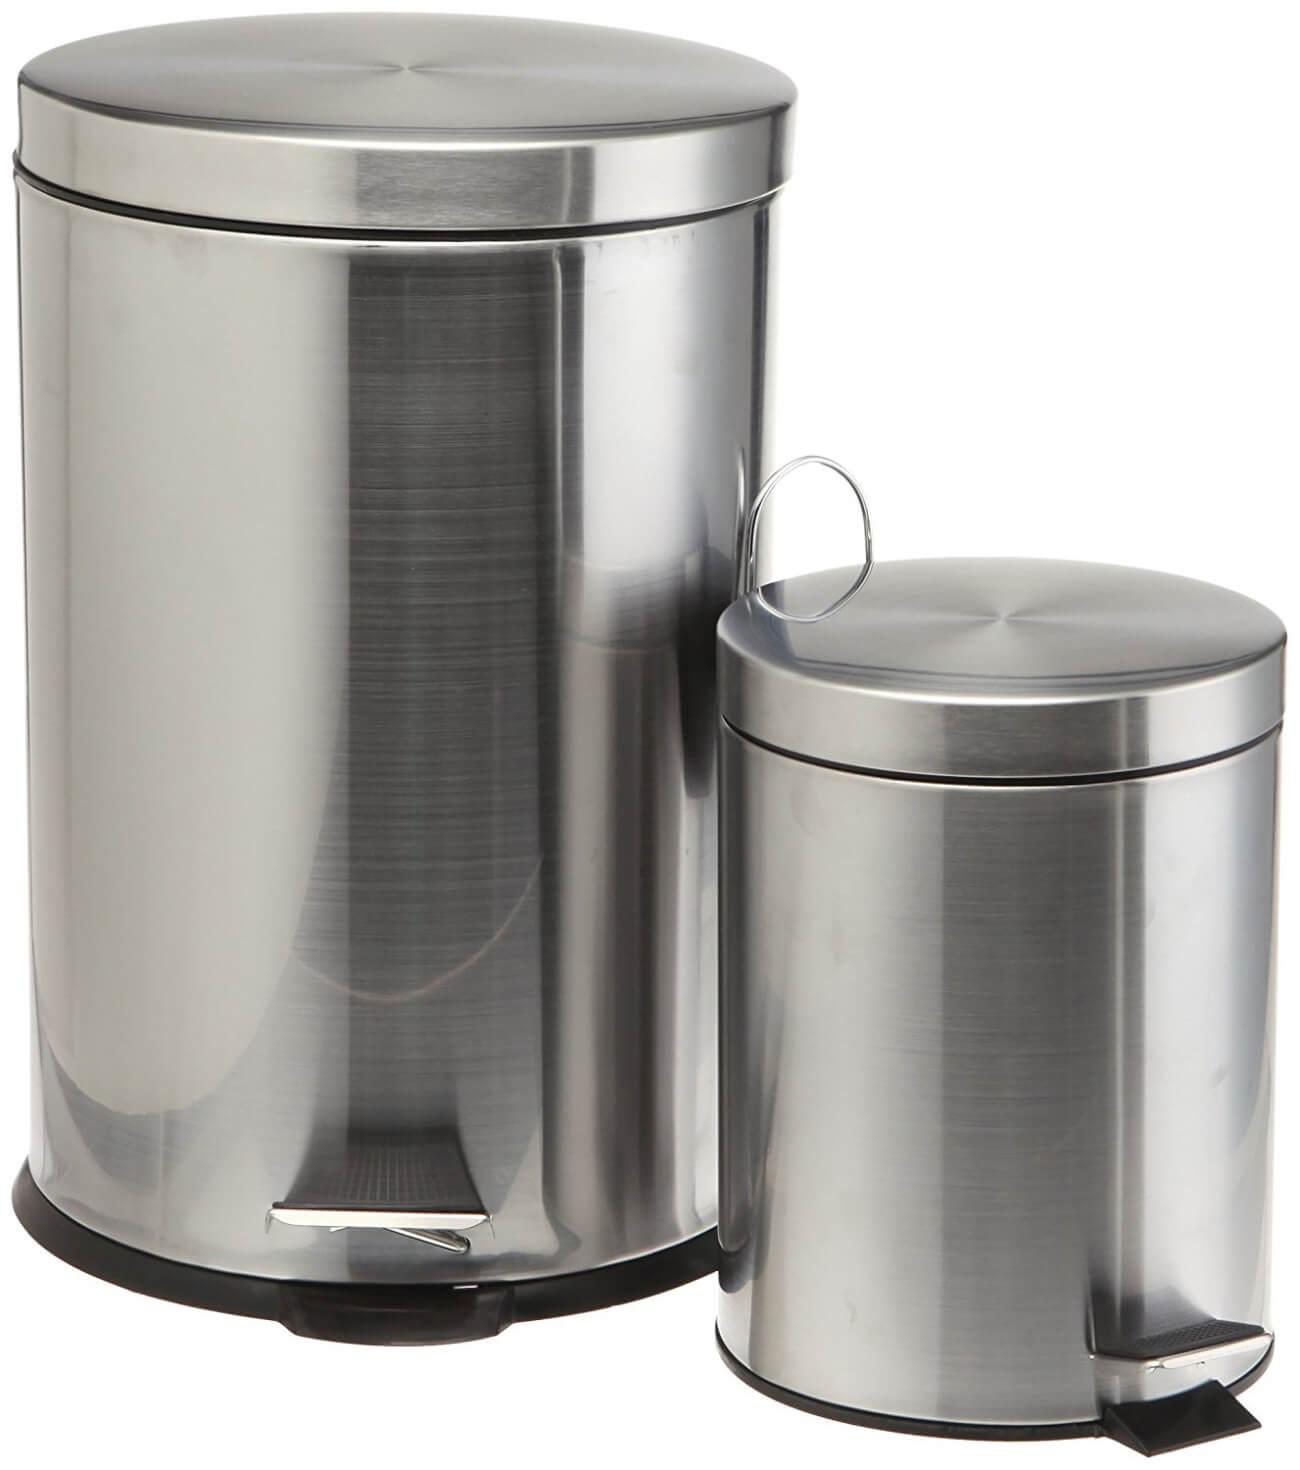 سطل زباله استیل تاچ بین